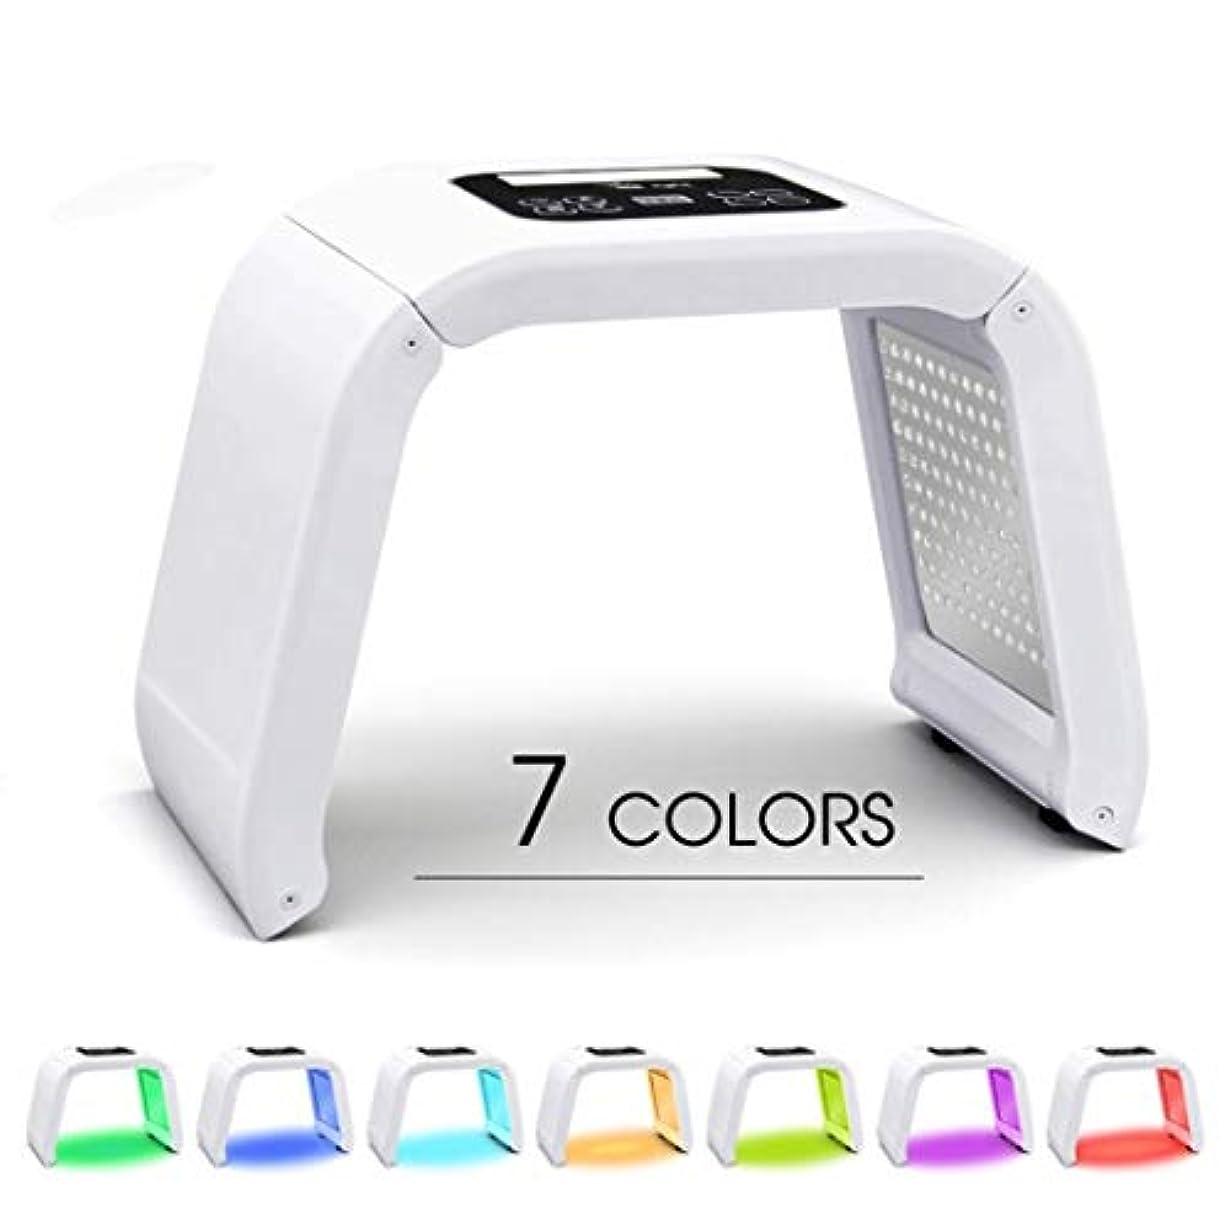 触覚口述する男らしさ肌の若返りLED機器7色PDT LEDライトセラピースキンケア美容機アンチリンクルホワイトニング